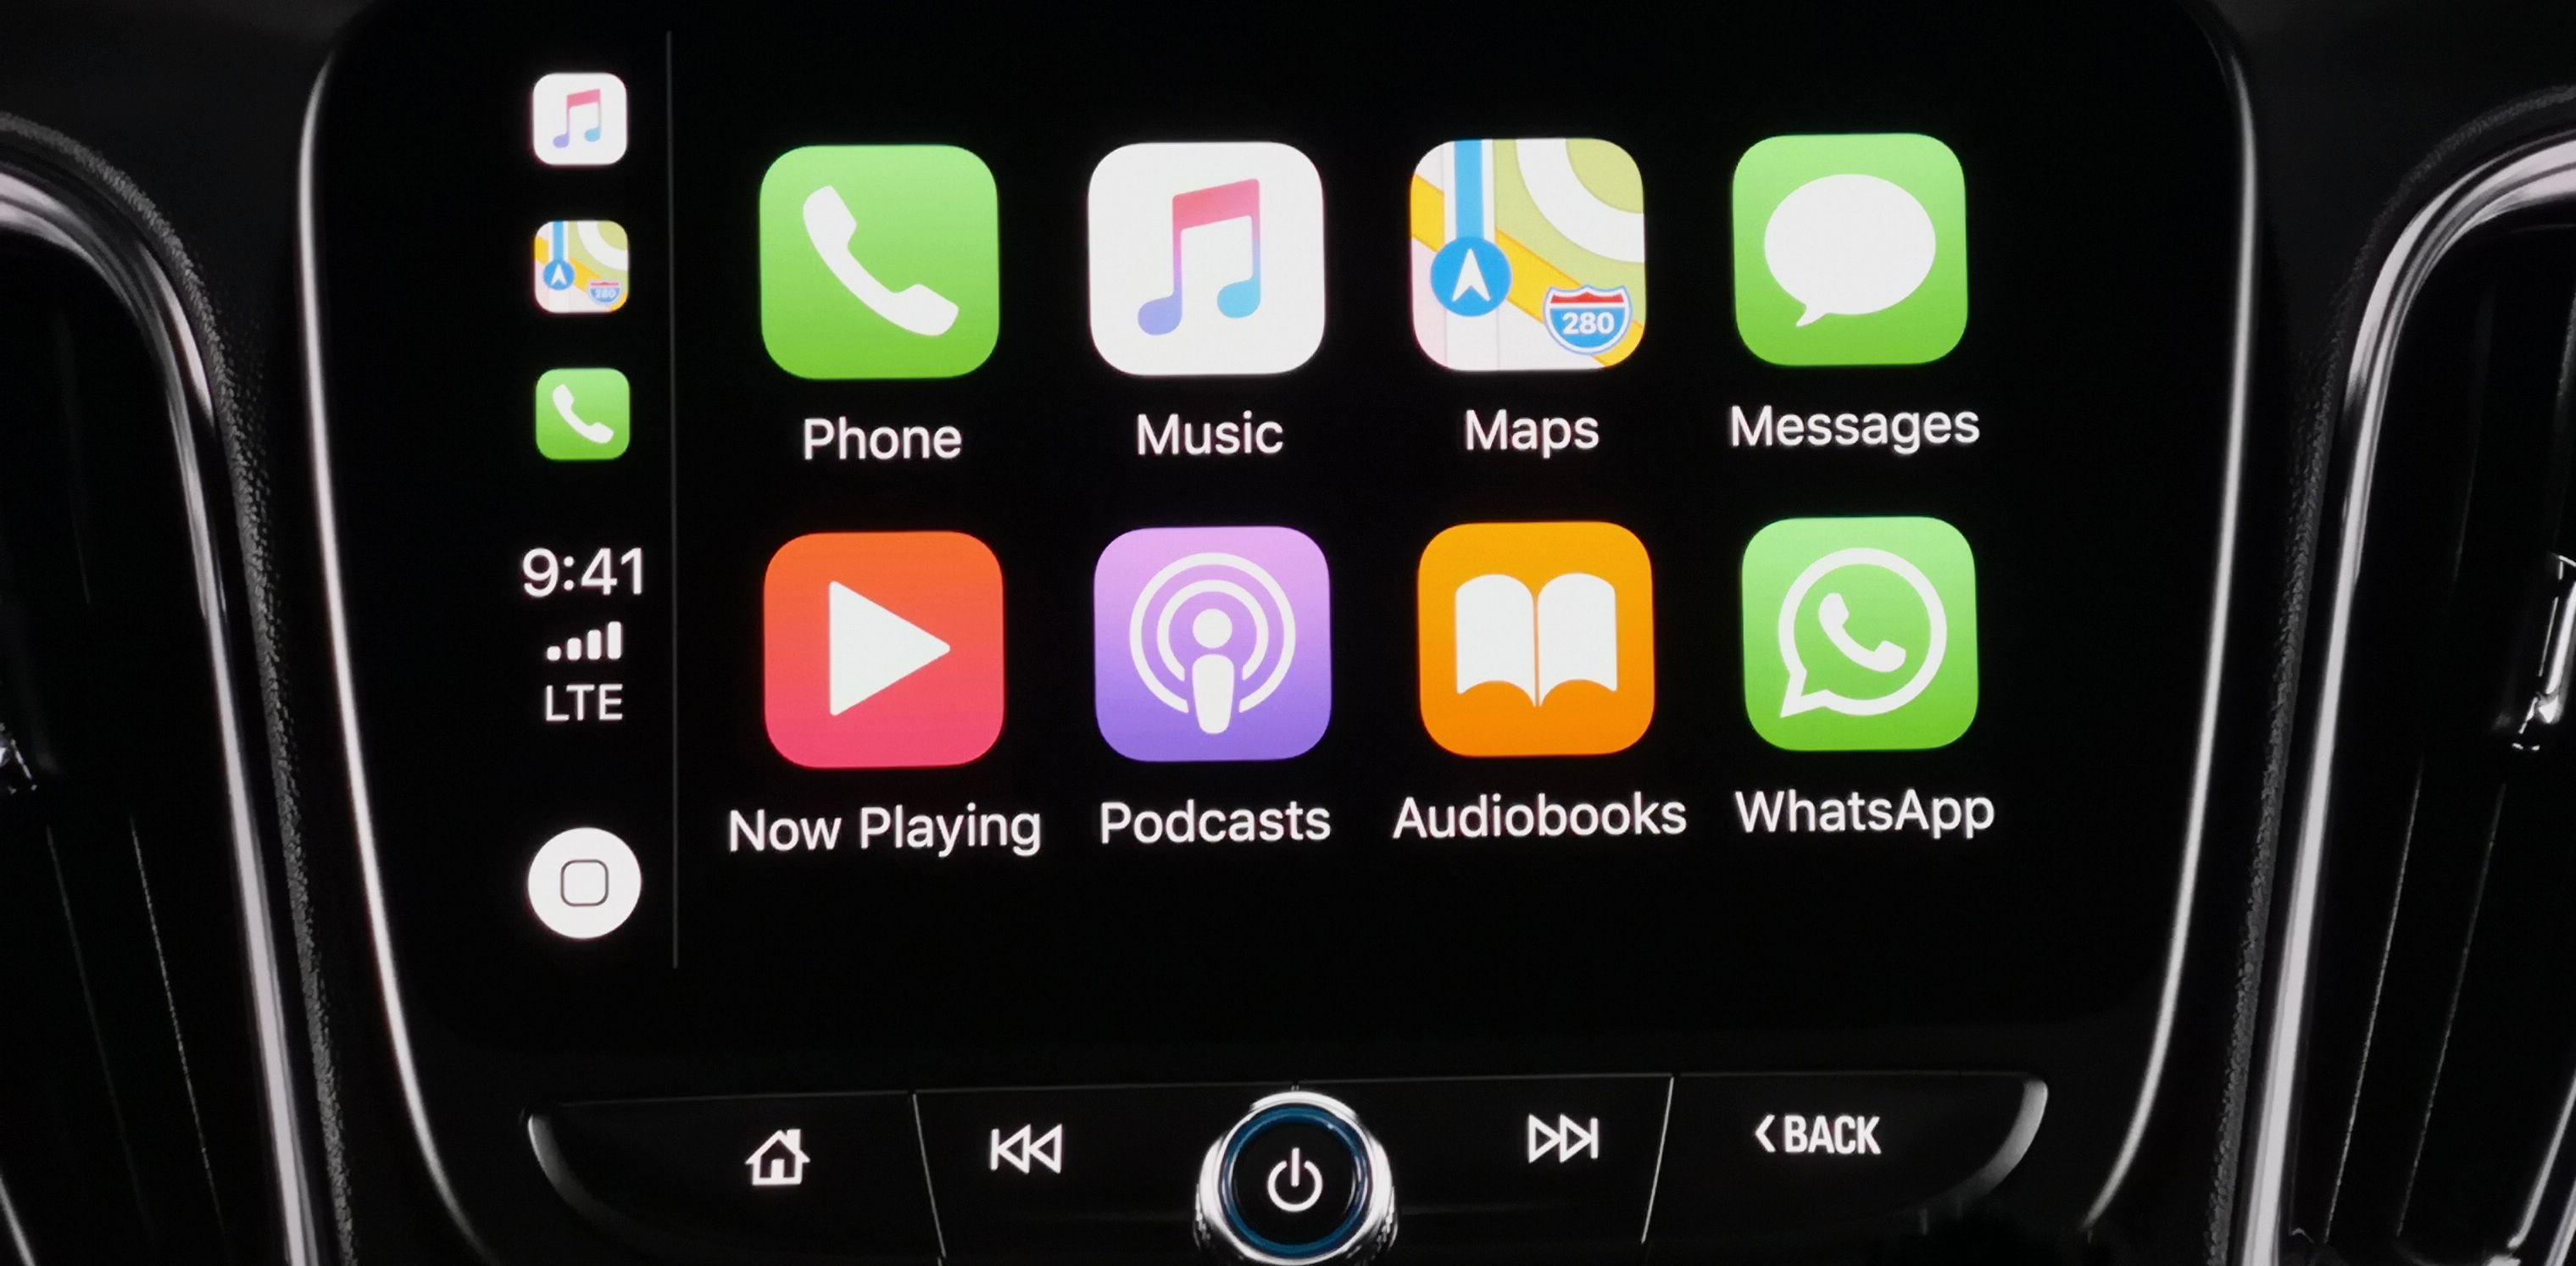 Spesielt ringe- og strømmetjenester har vært tilgjengelig i CarPlay en god stund, med støtte for eksempelvis Spotify og Whatsapp.